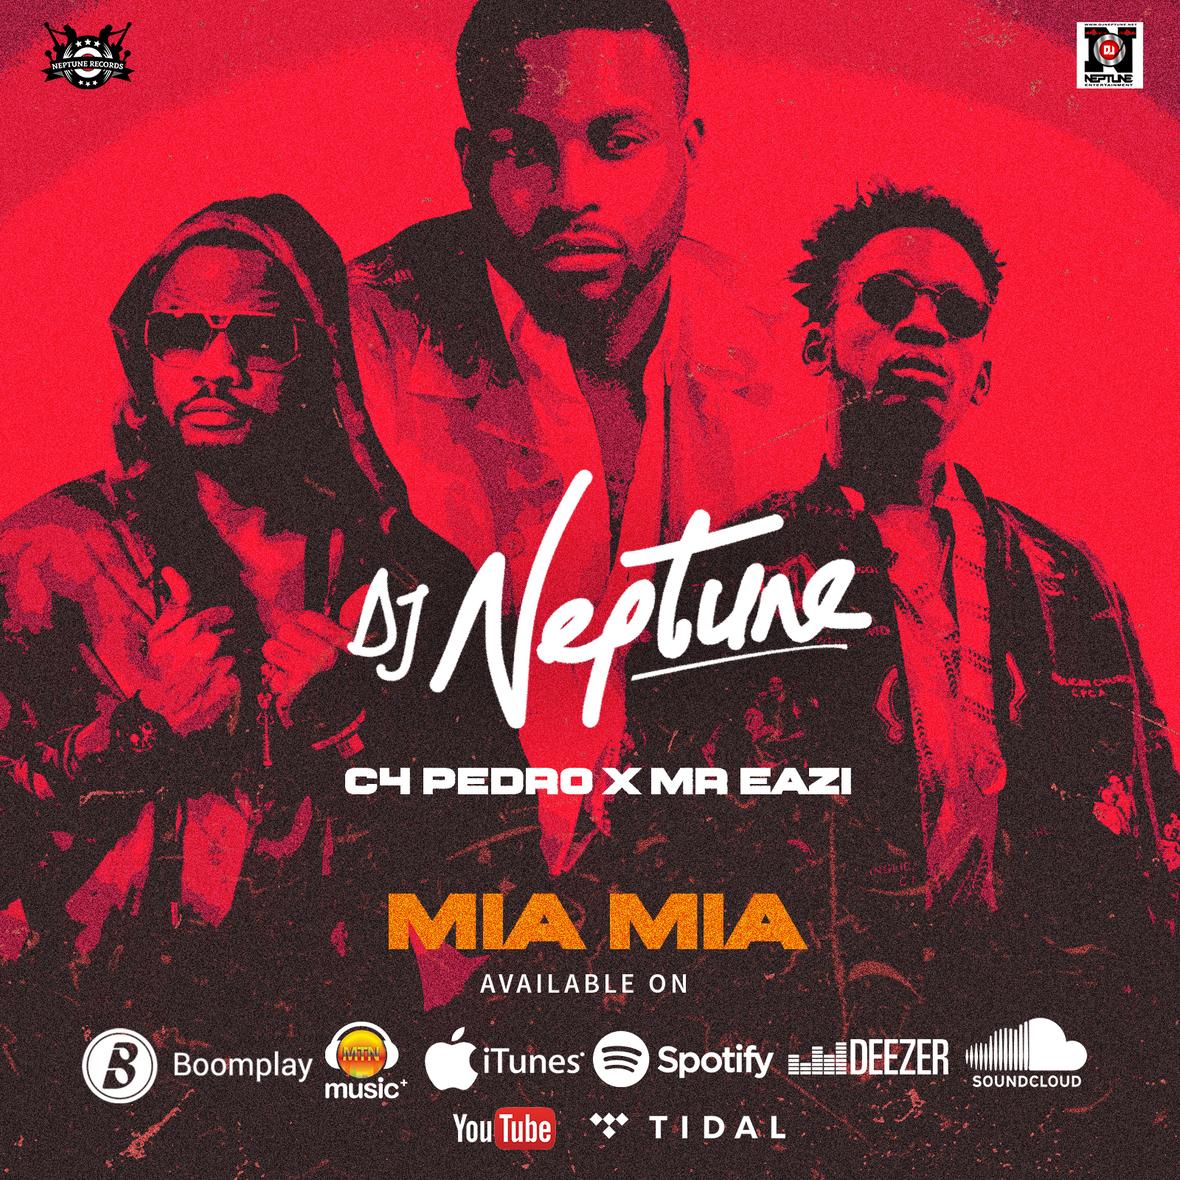 DJ Neptune feat. Mr Eazi & C4 Pedro - Mia Mia